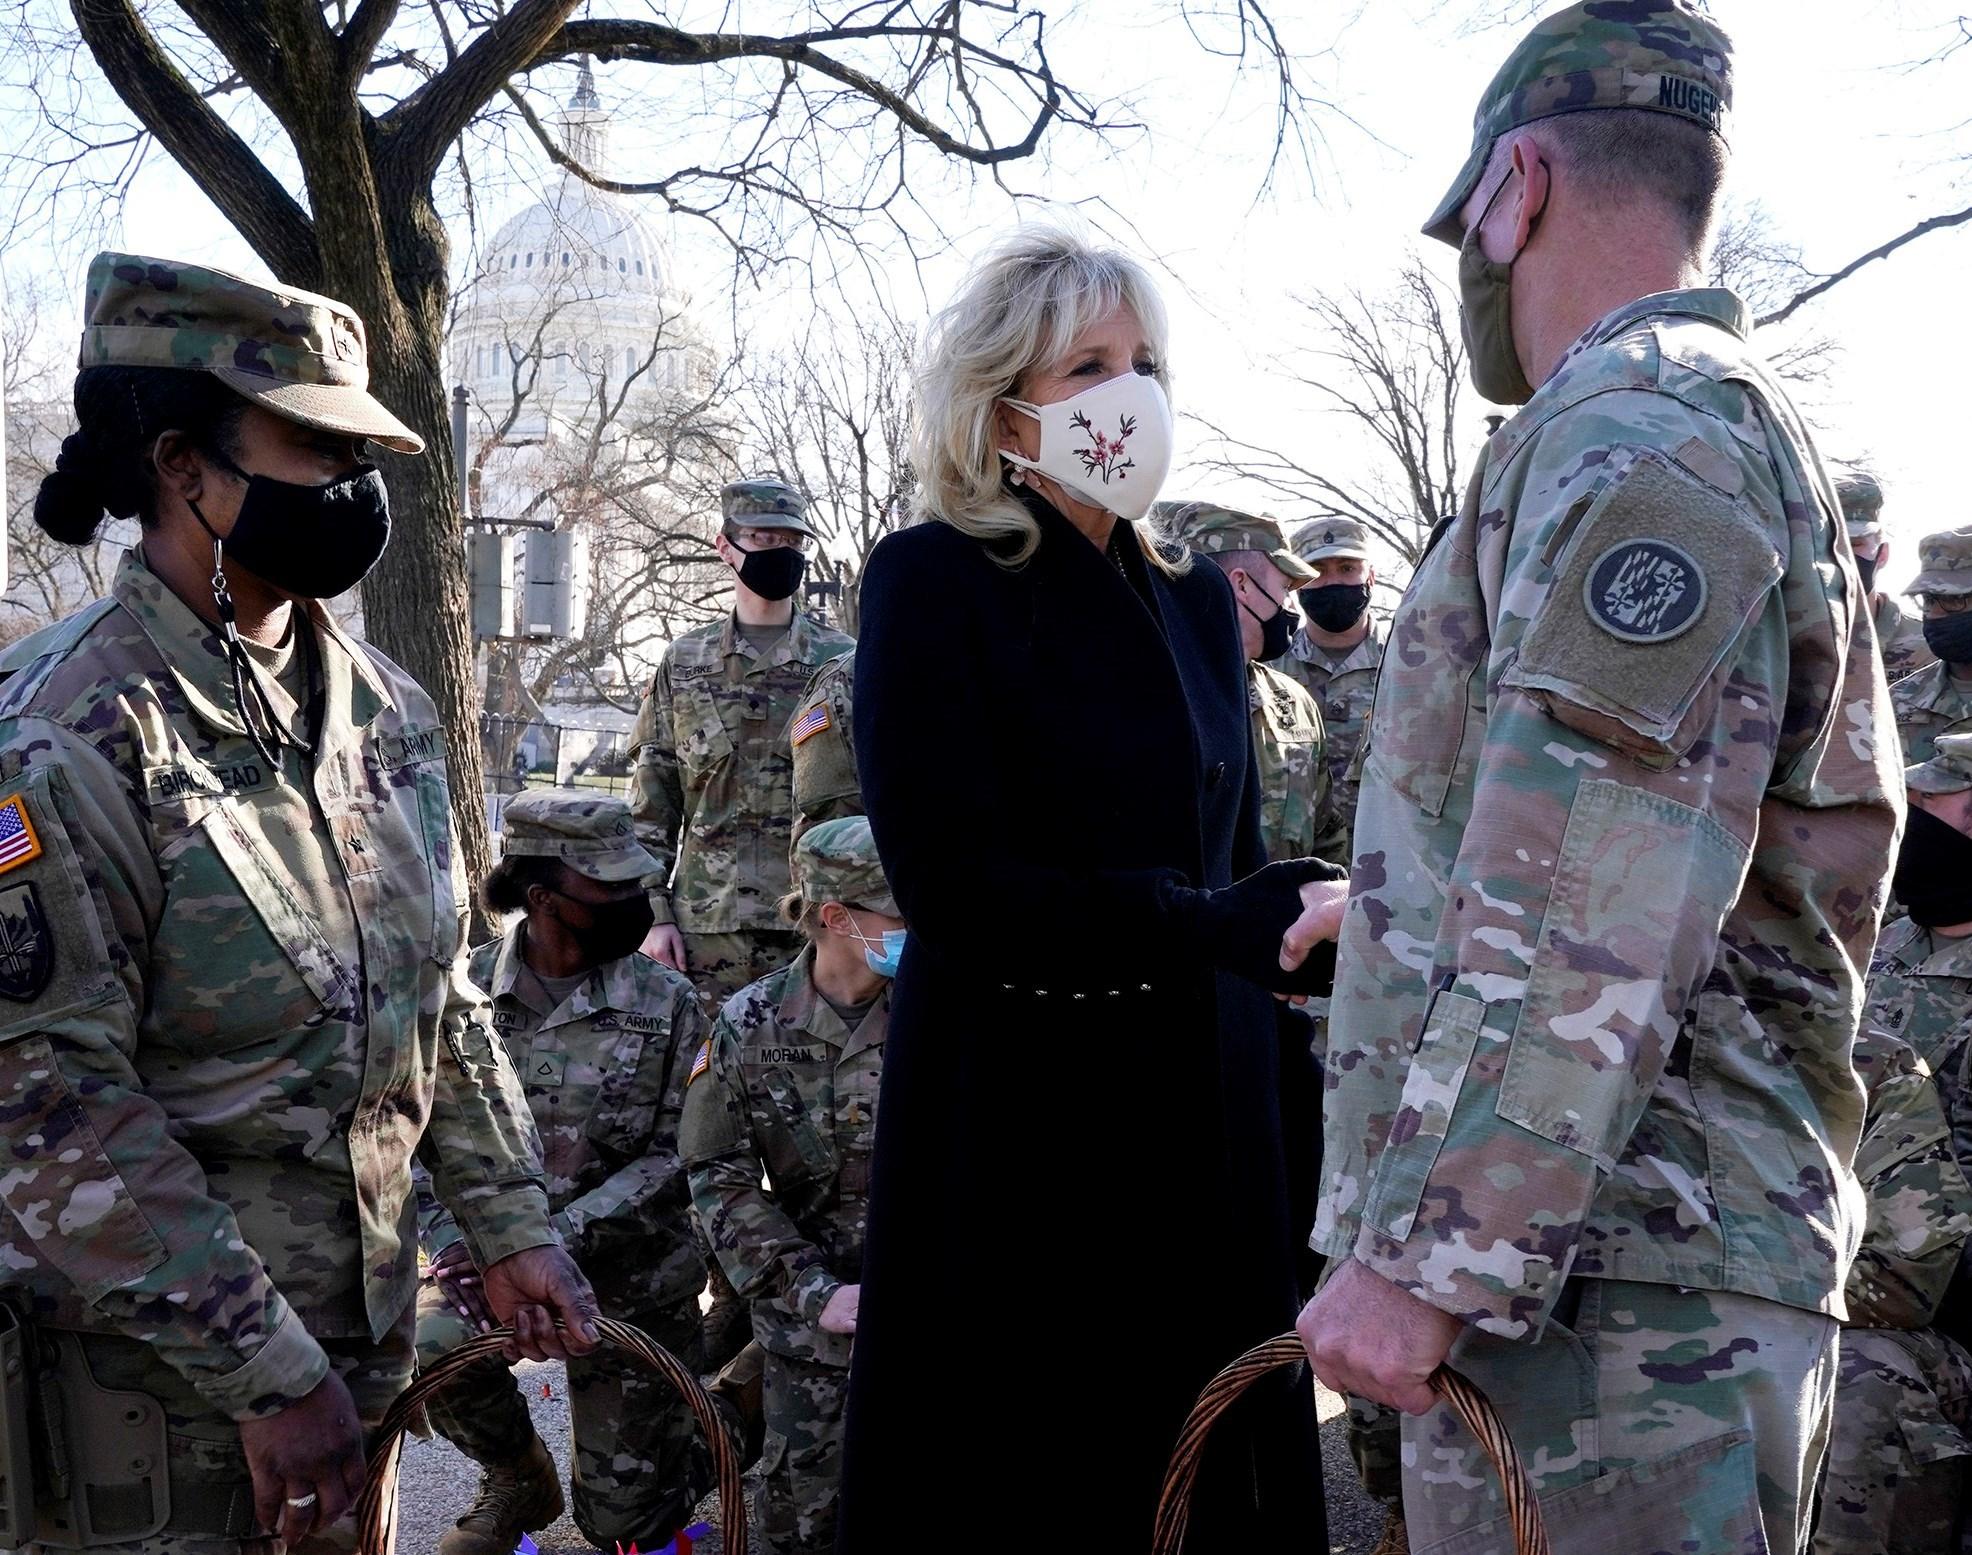 جيل بايدن تحيي أعضاء الحرس الوطني خارج مبنى الكابيتول في واشنطن (أ ف ب).